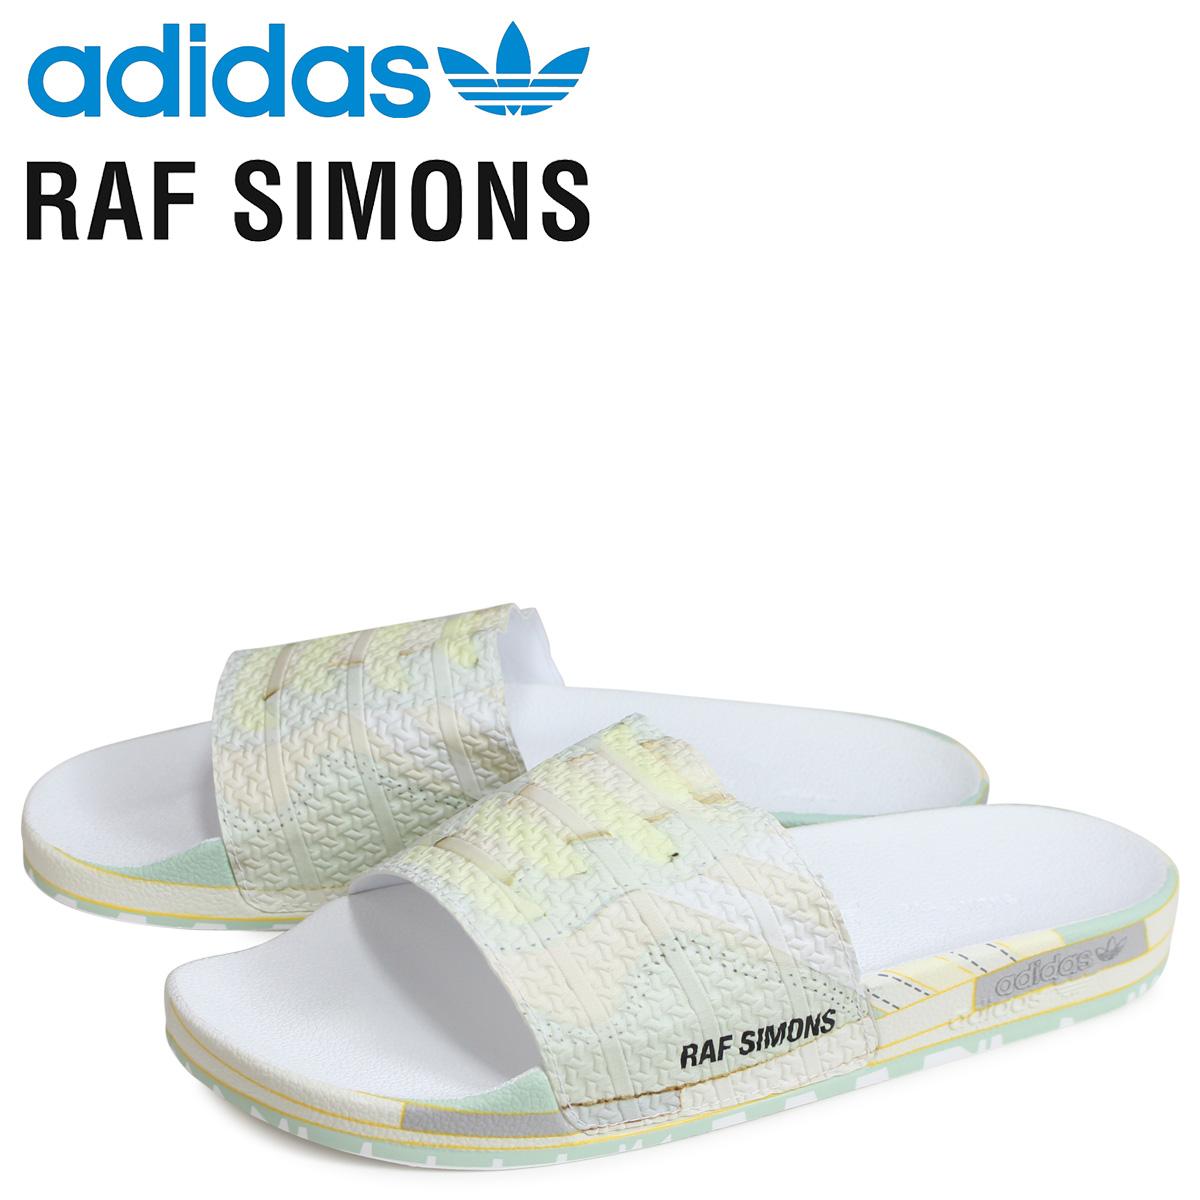 アディダス オリジナルス adidas Originals ラフシモンズ RAF SIMONS ピーチ アディレッタ サンダル シャワーサンダル ピーチツリー メンズ RS PEACH ADILETTE PEACHTREE コラボ ベージュ EE7957